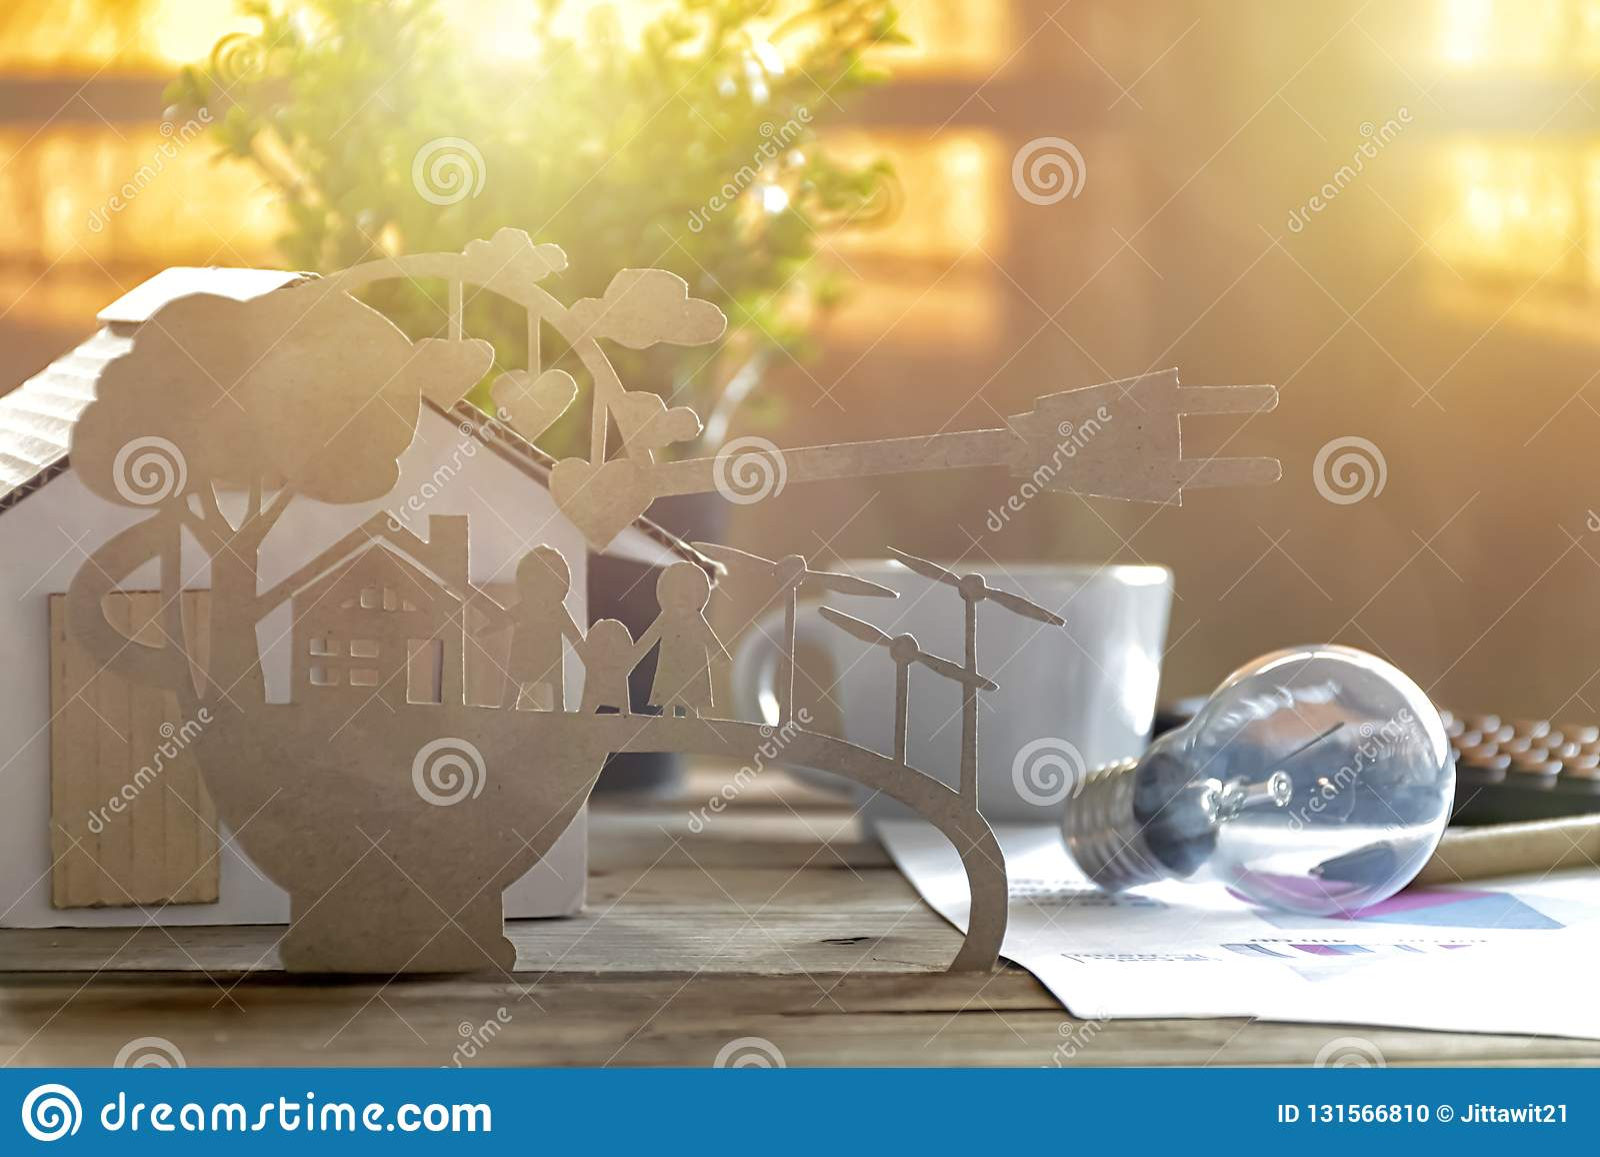 Document besnoeiing van eco op bureau Huismodel, lamp, pen, documentverhalen over energie - besparing, gelukkige families die sch